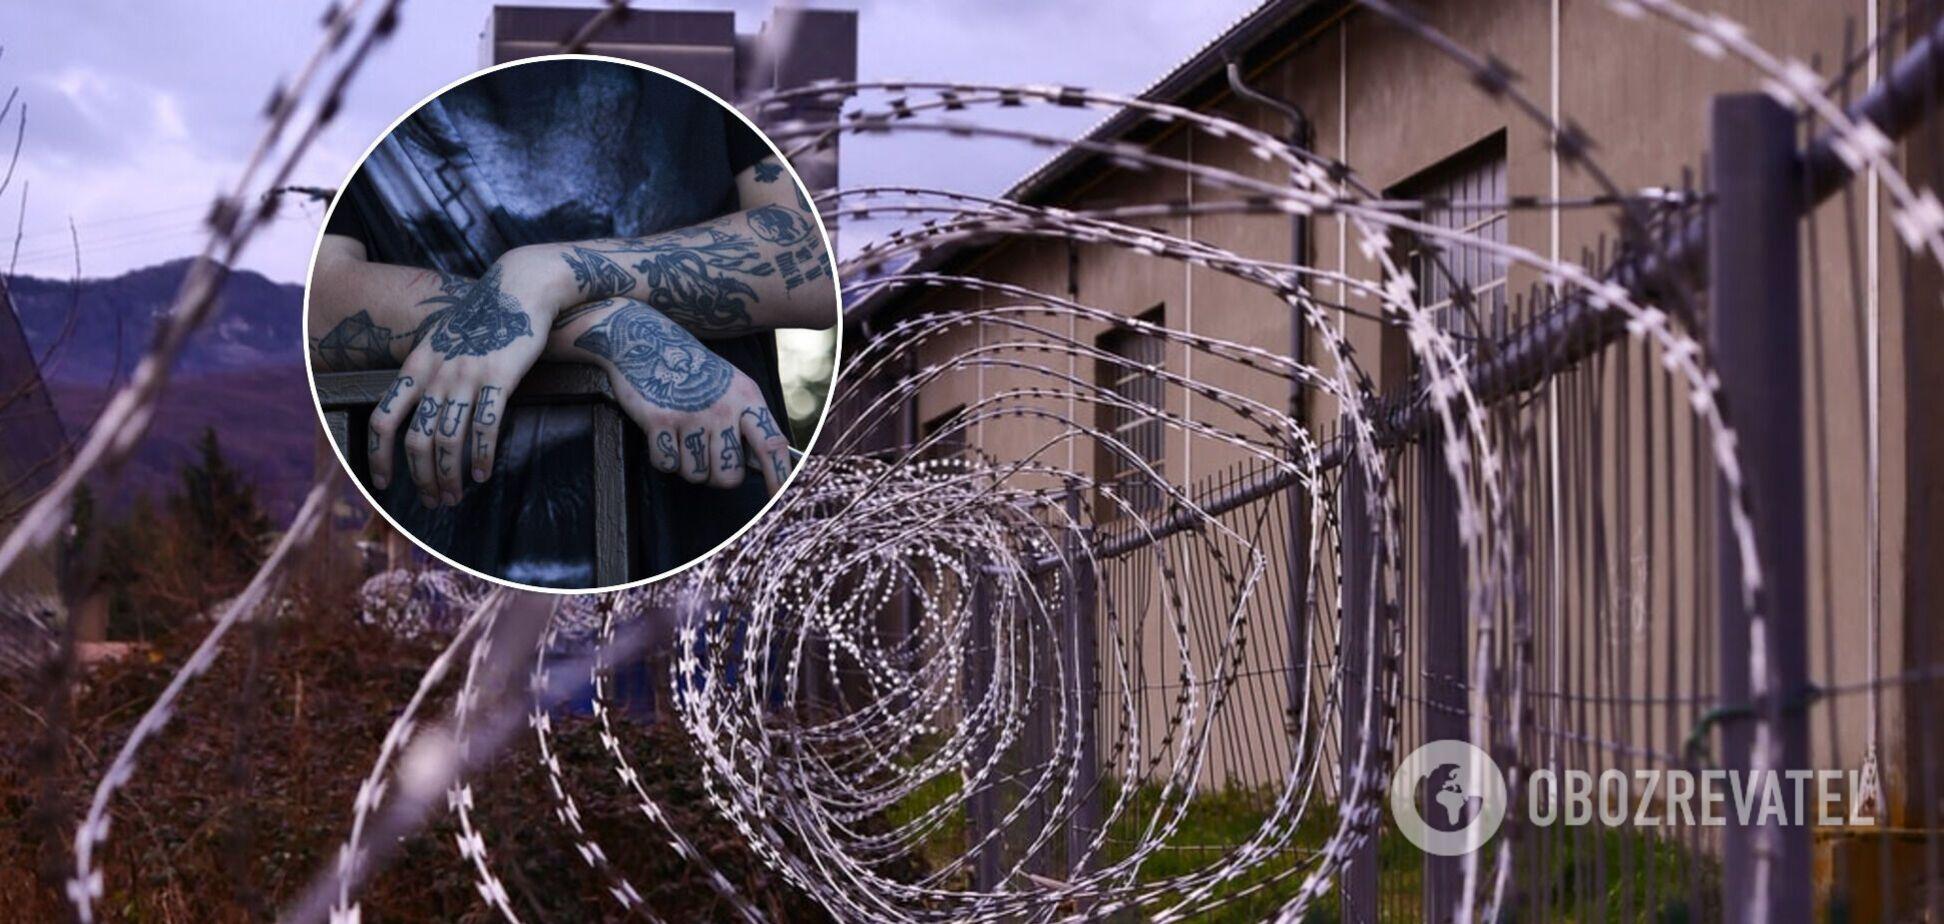 В Україні з'являться спеціальні в'язниці для 'злодіїв у законі': в Мін'юсті розкрили подробиці